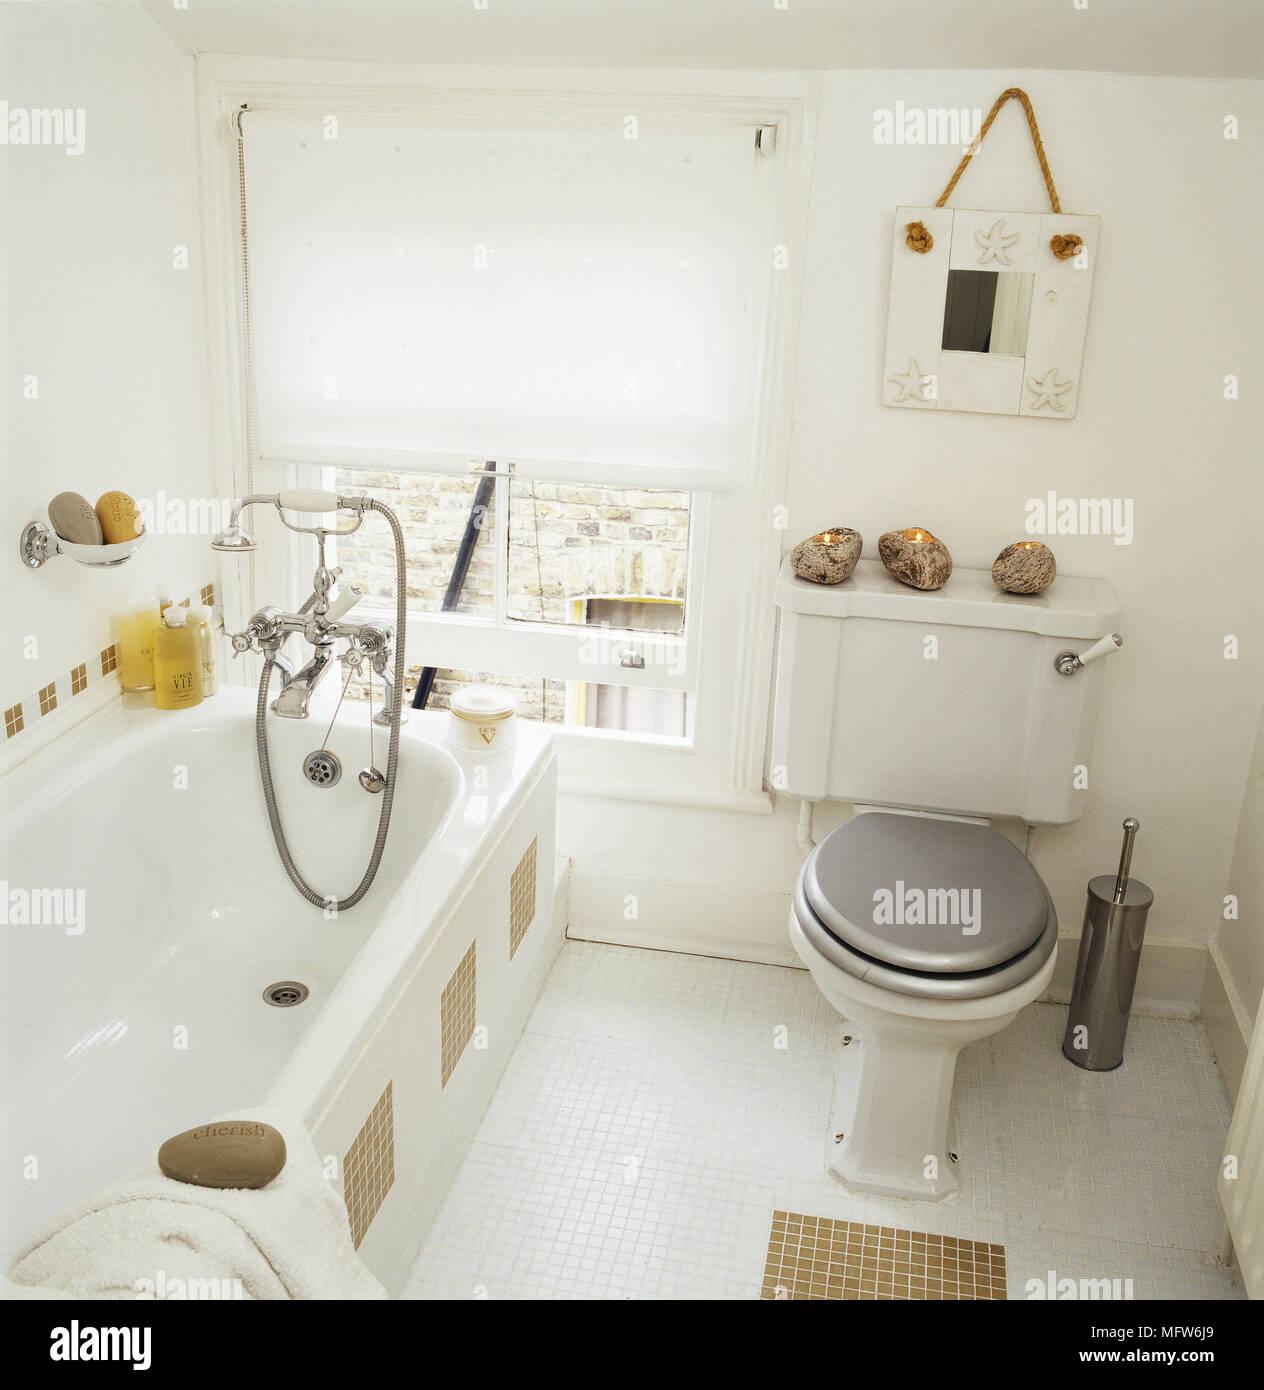 Hohe Betrachtungswinkel Und Ein Modernes Badezimmer Mit Mosaik Fliesen Wc  Badewanne Mit Duschvorrichtung Und Ein Fenster Mit Einer Walze Schatten.